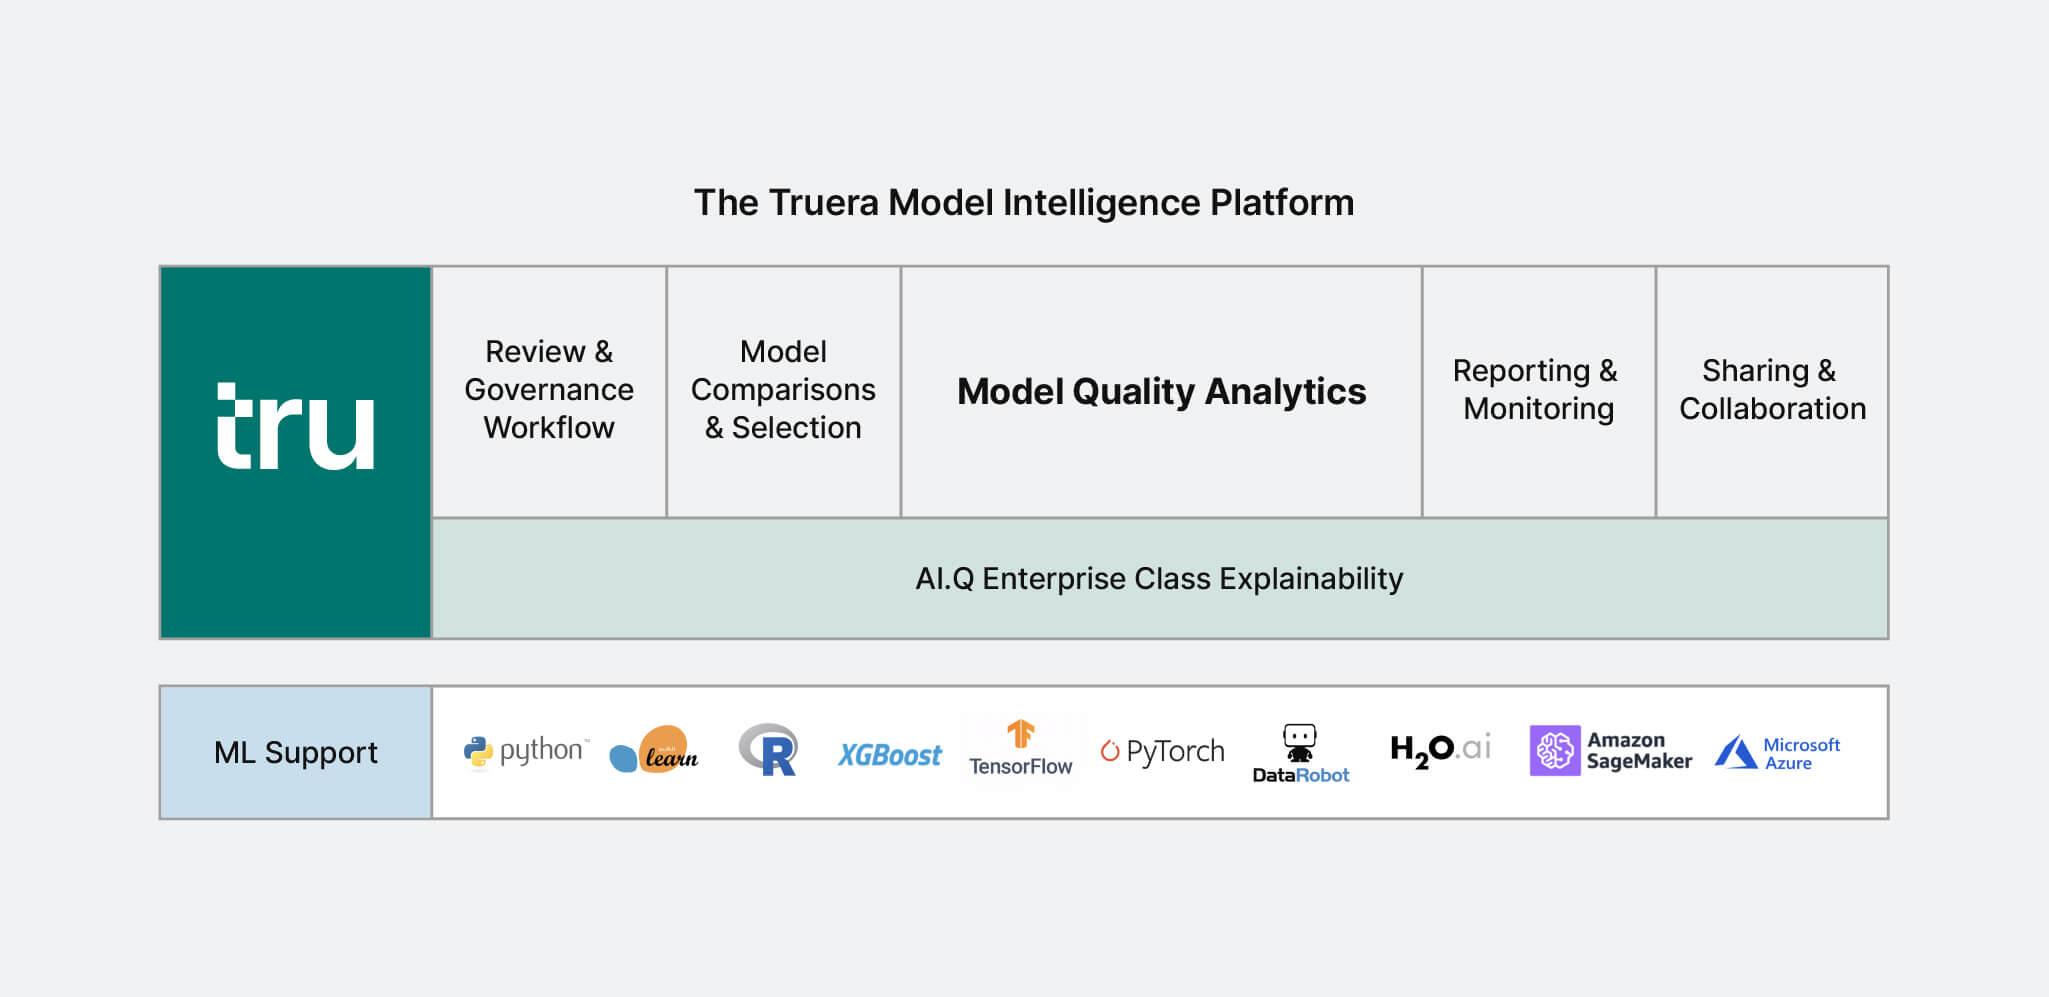 TruEra Model Intelligence Platform